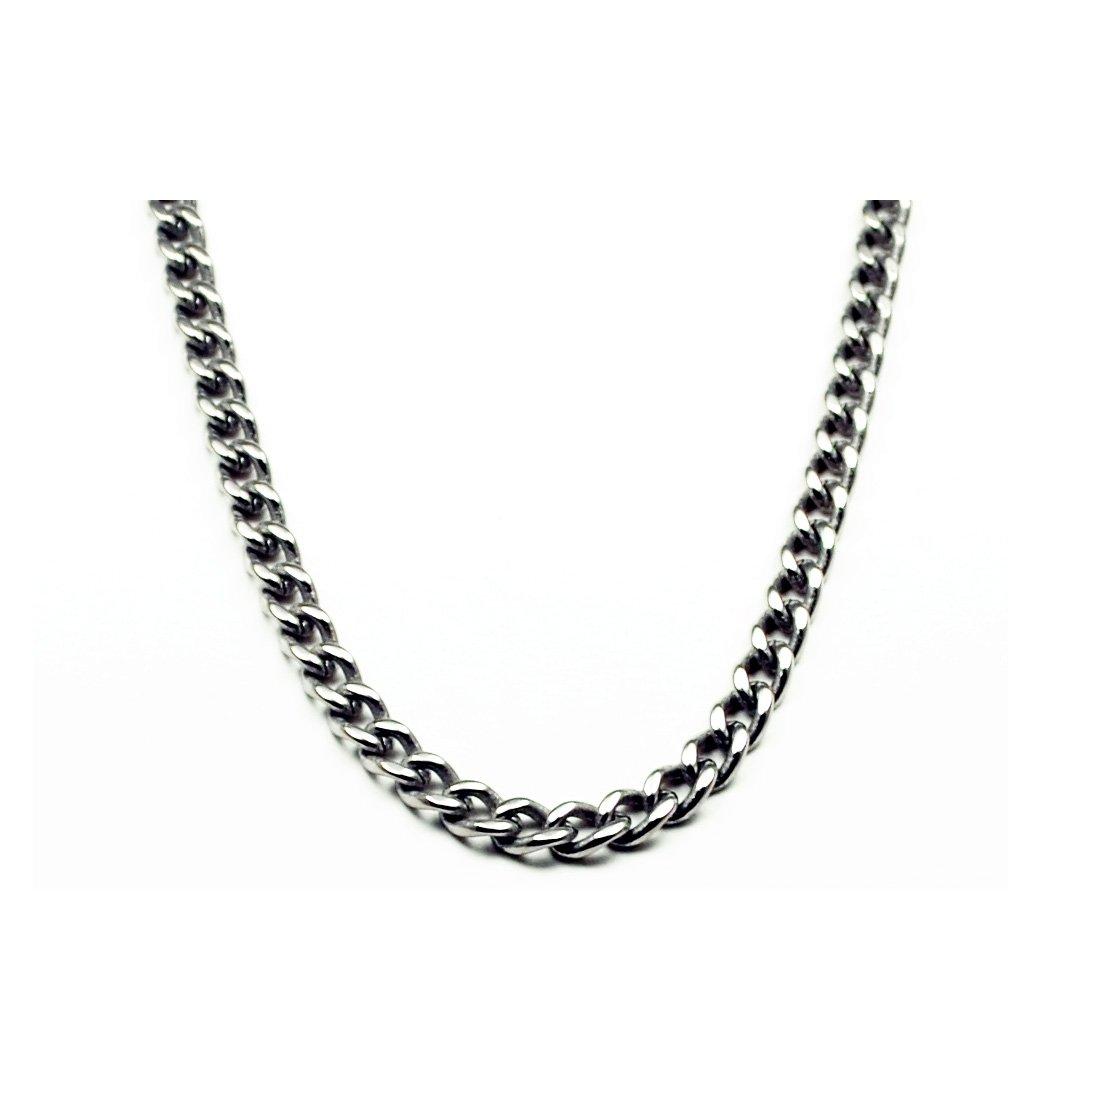 5.5mm Titanium Men's Curb Link Necklace Chain